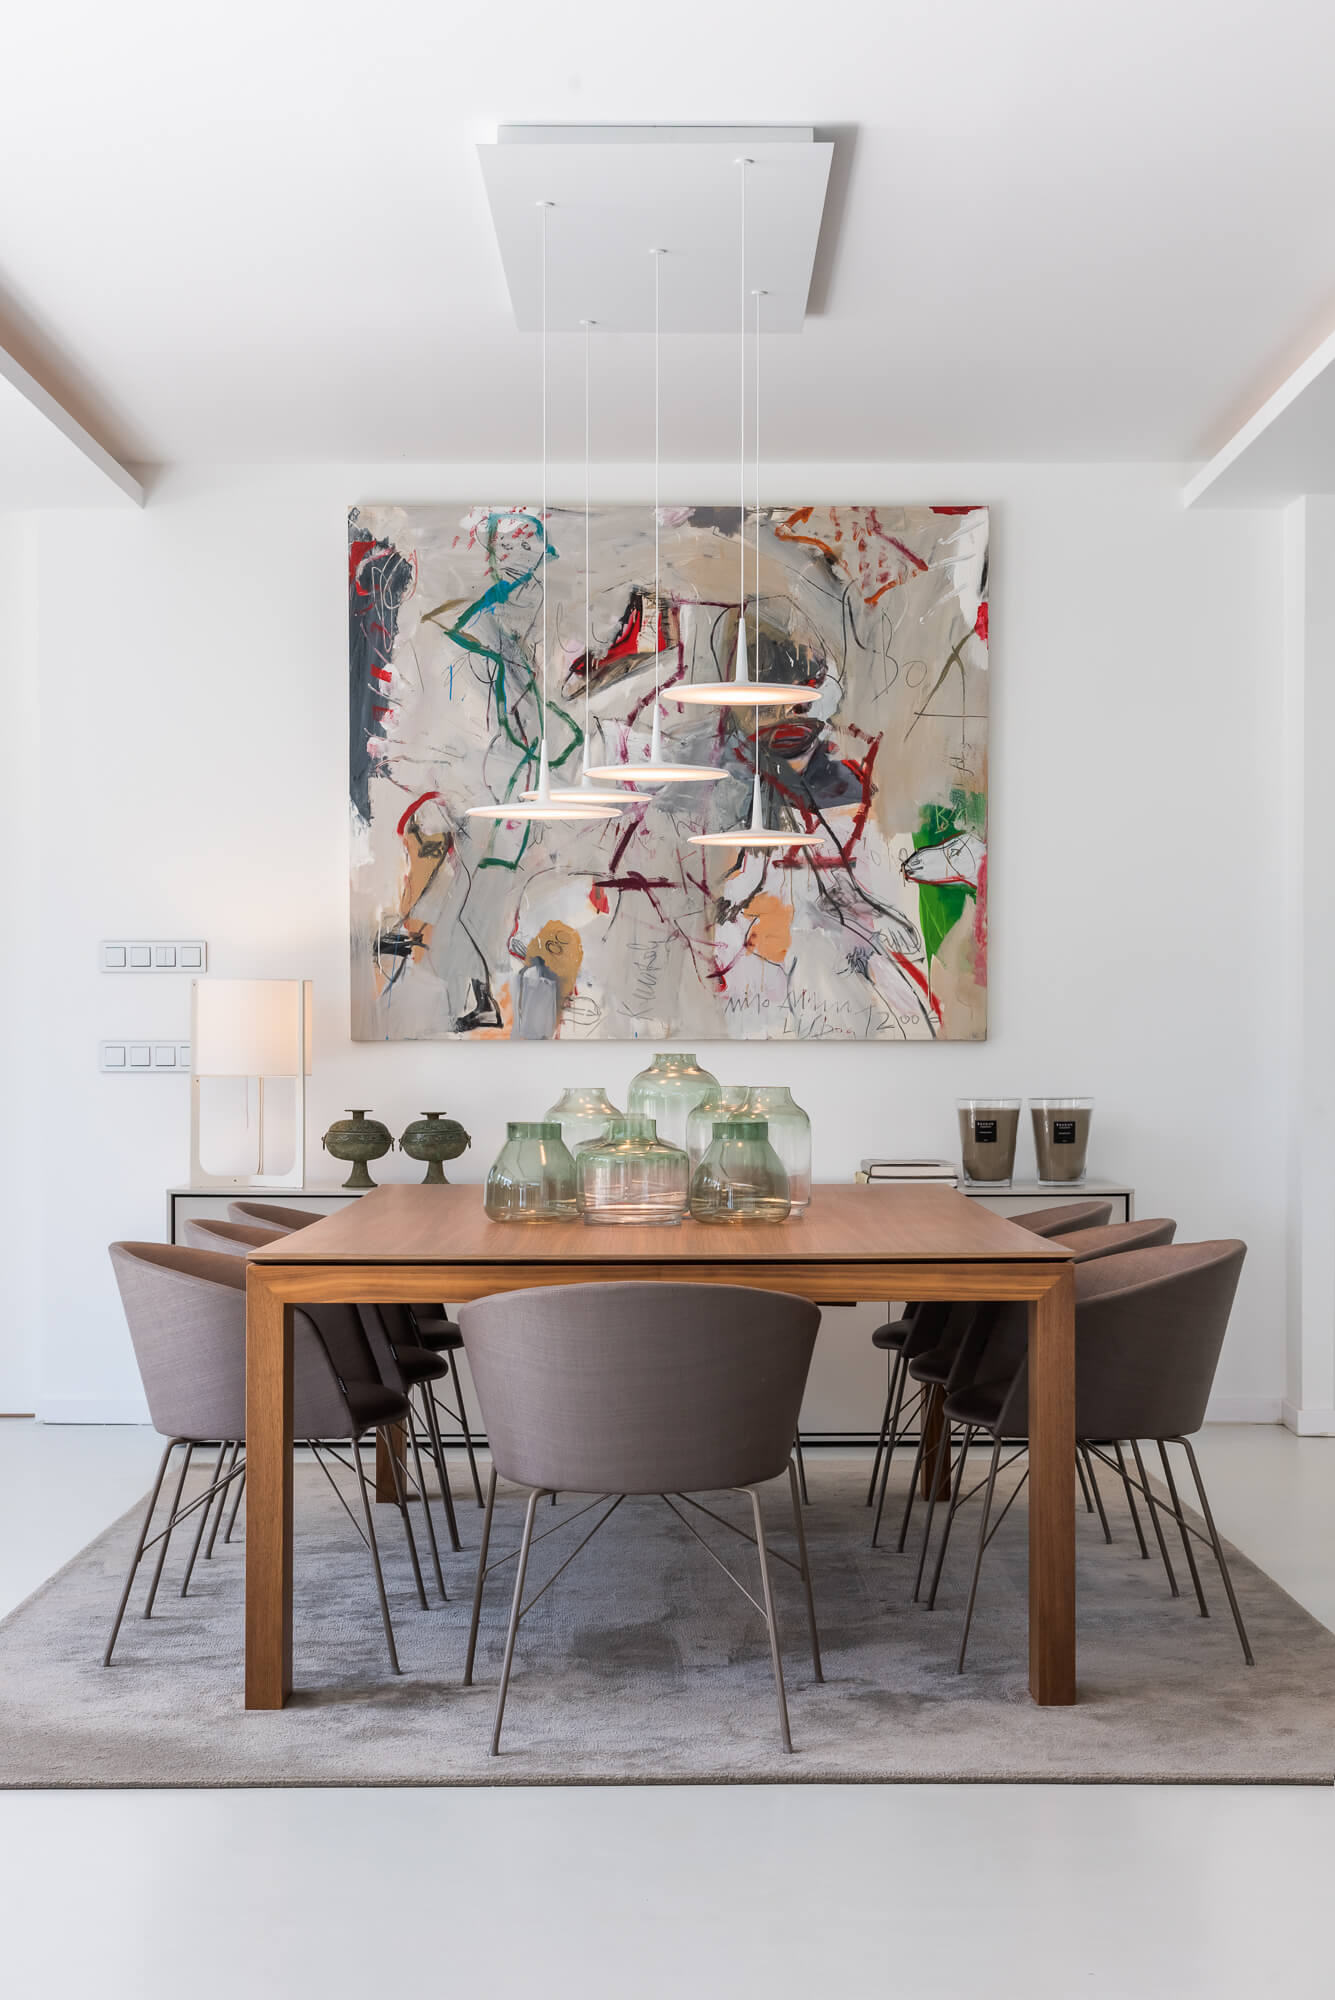 Interiorismo ideas y decoración en Campolivar 5